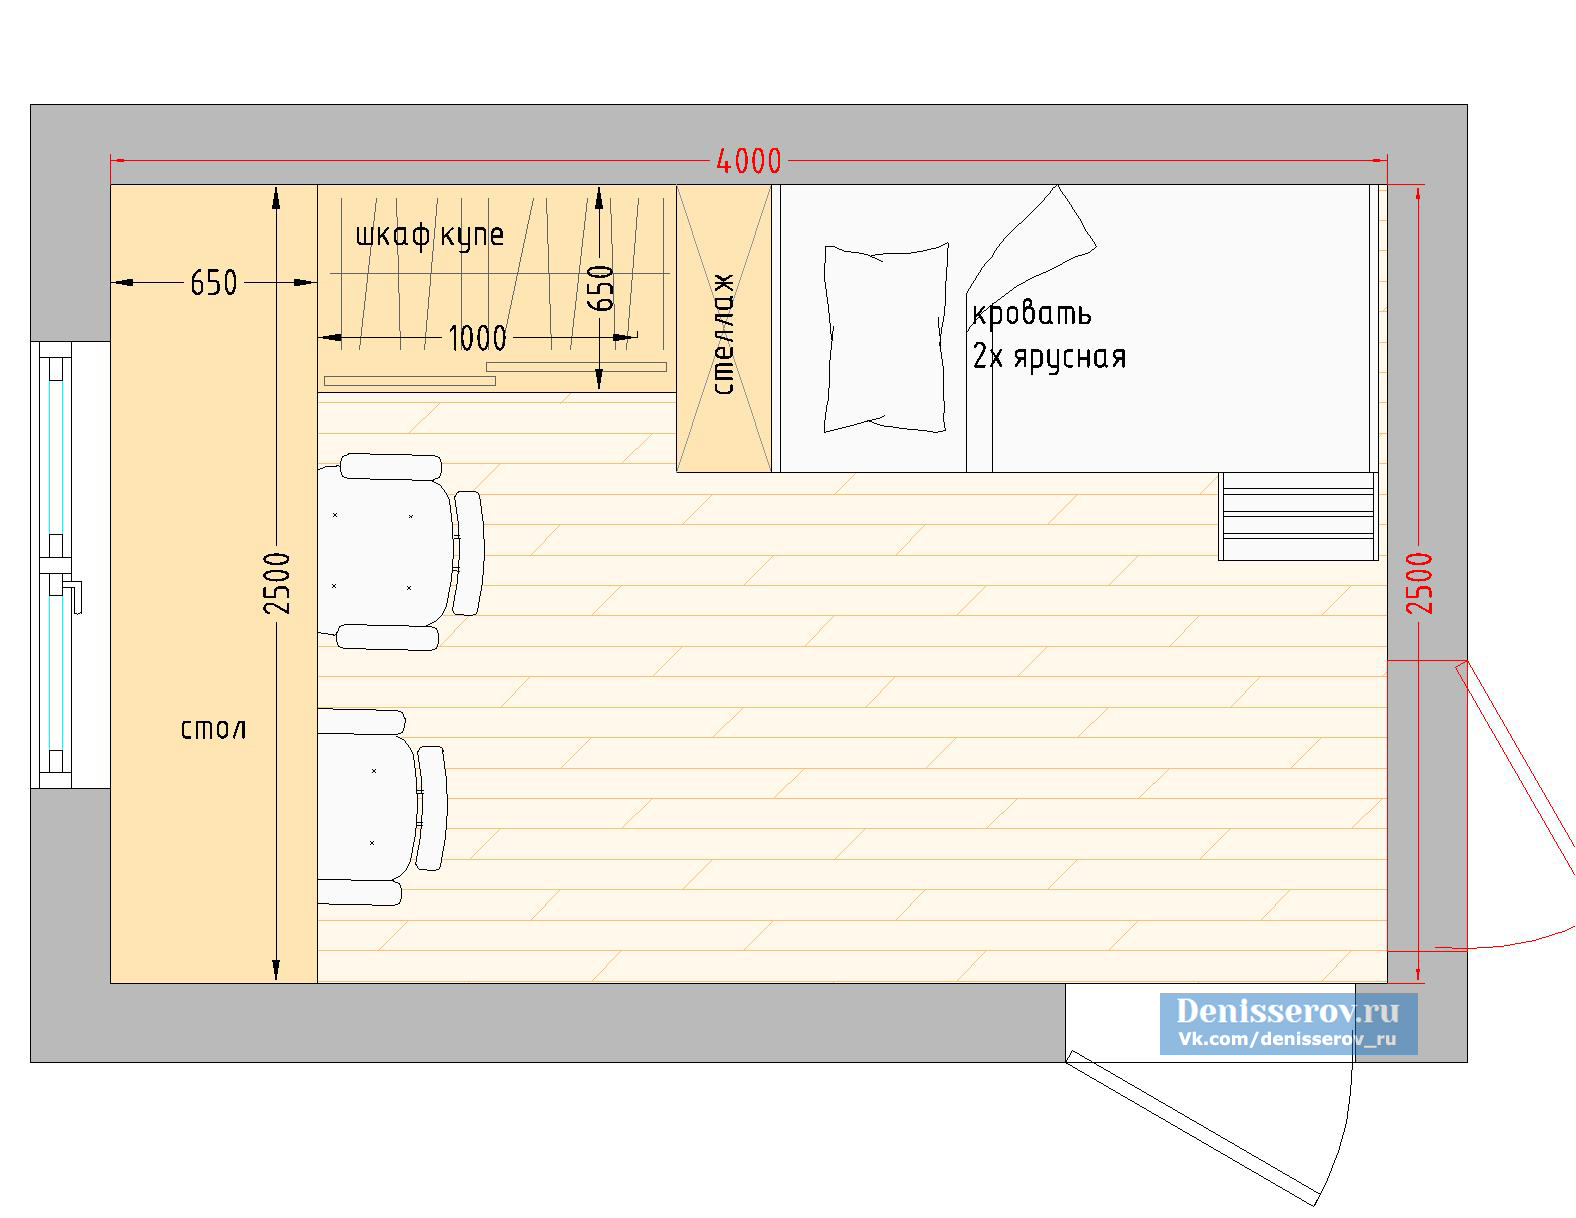 Планировка детской комнаты 10 кв.м. для двоих детей